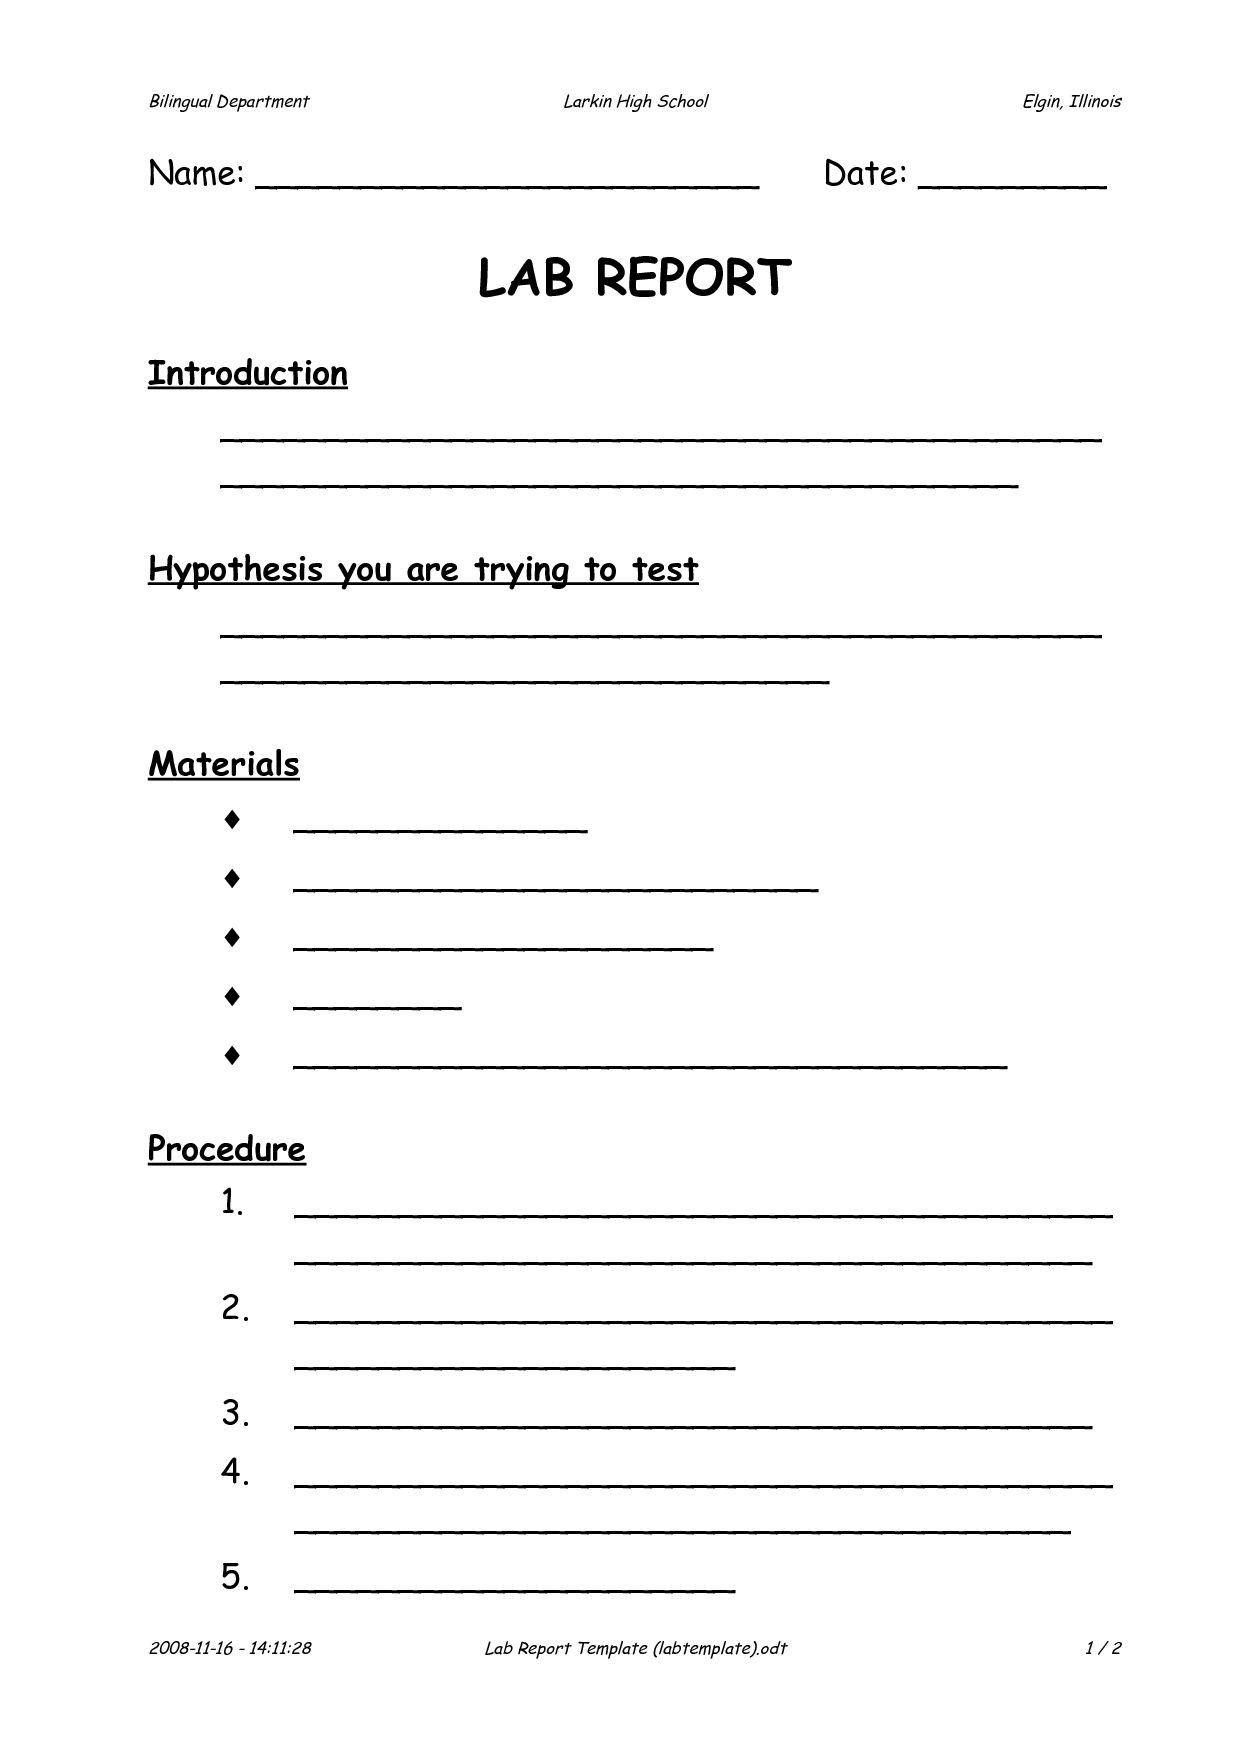 Scientific Method Worksheet High School Science Lab Report